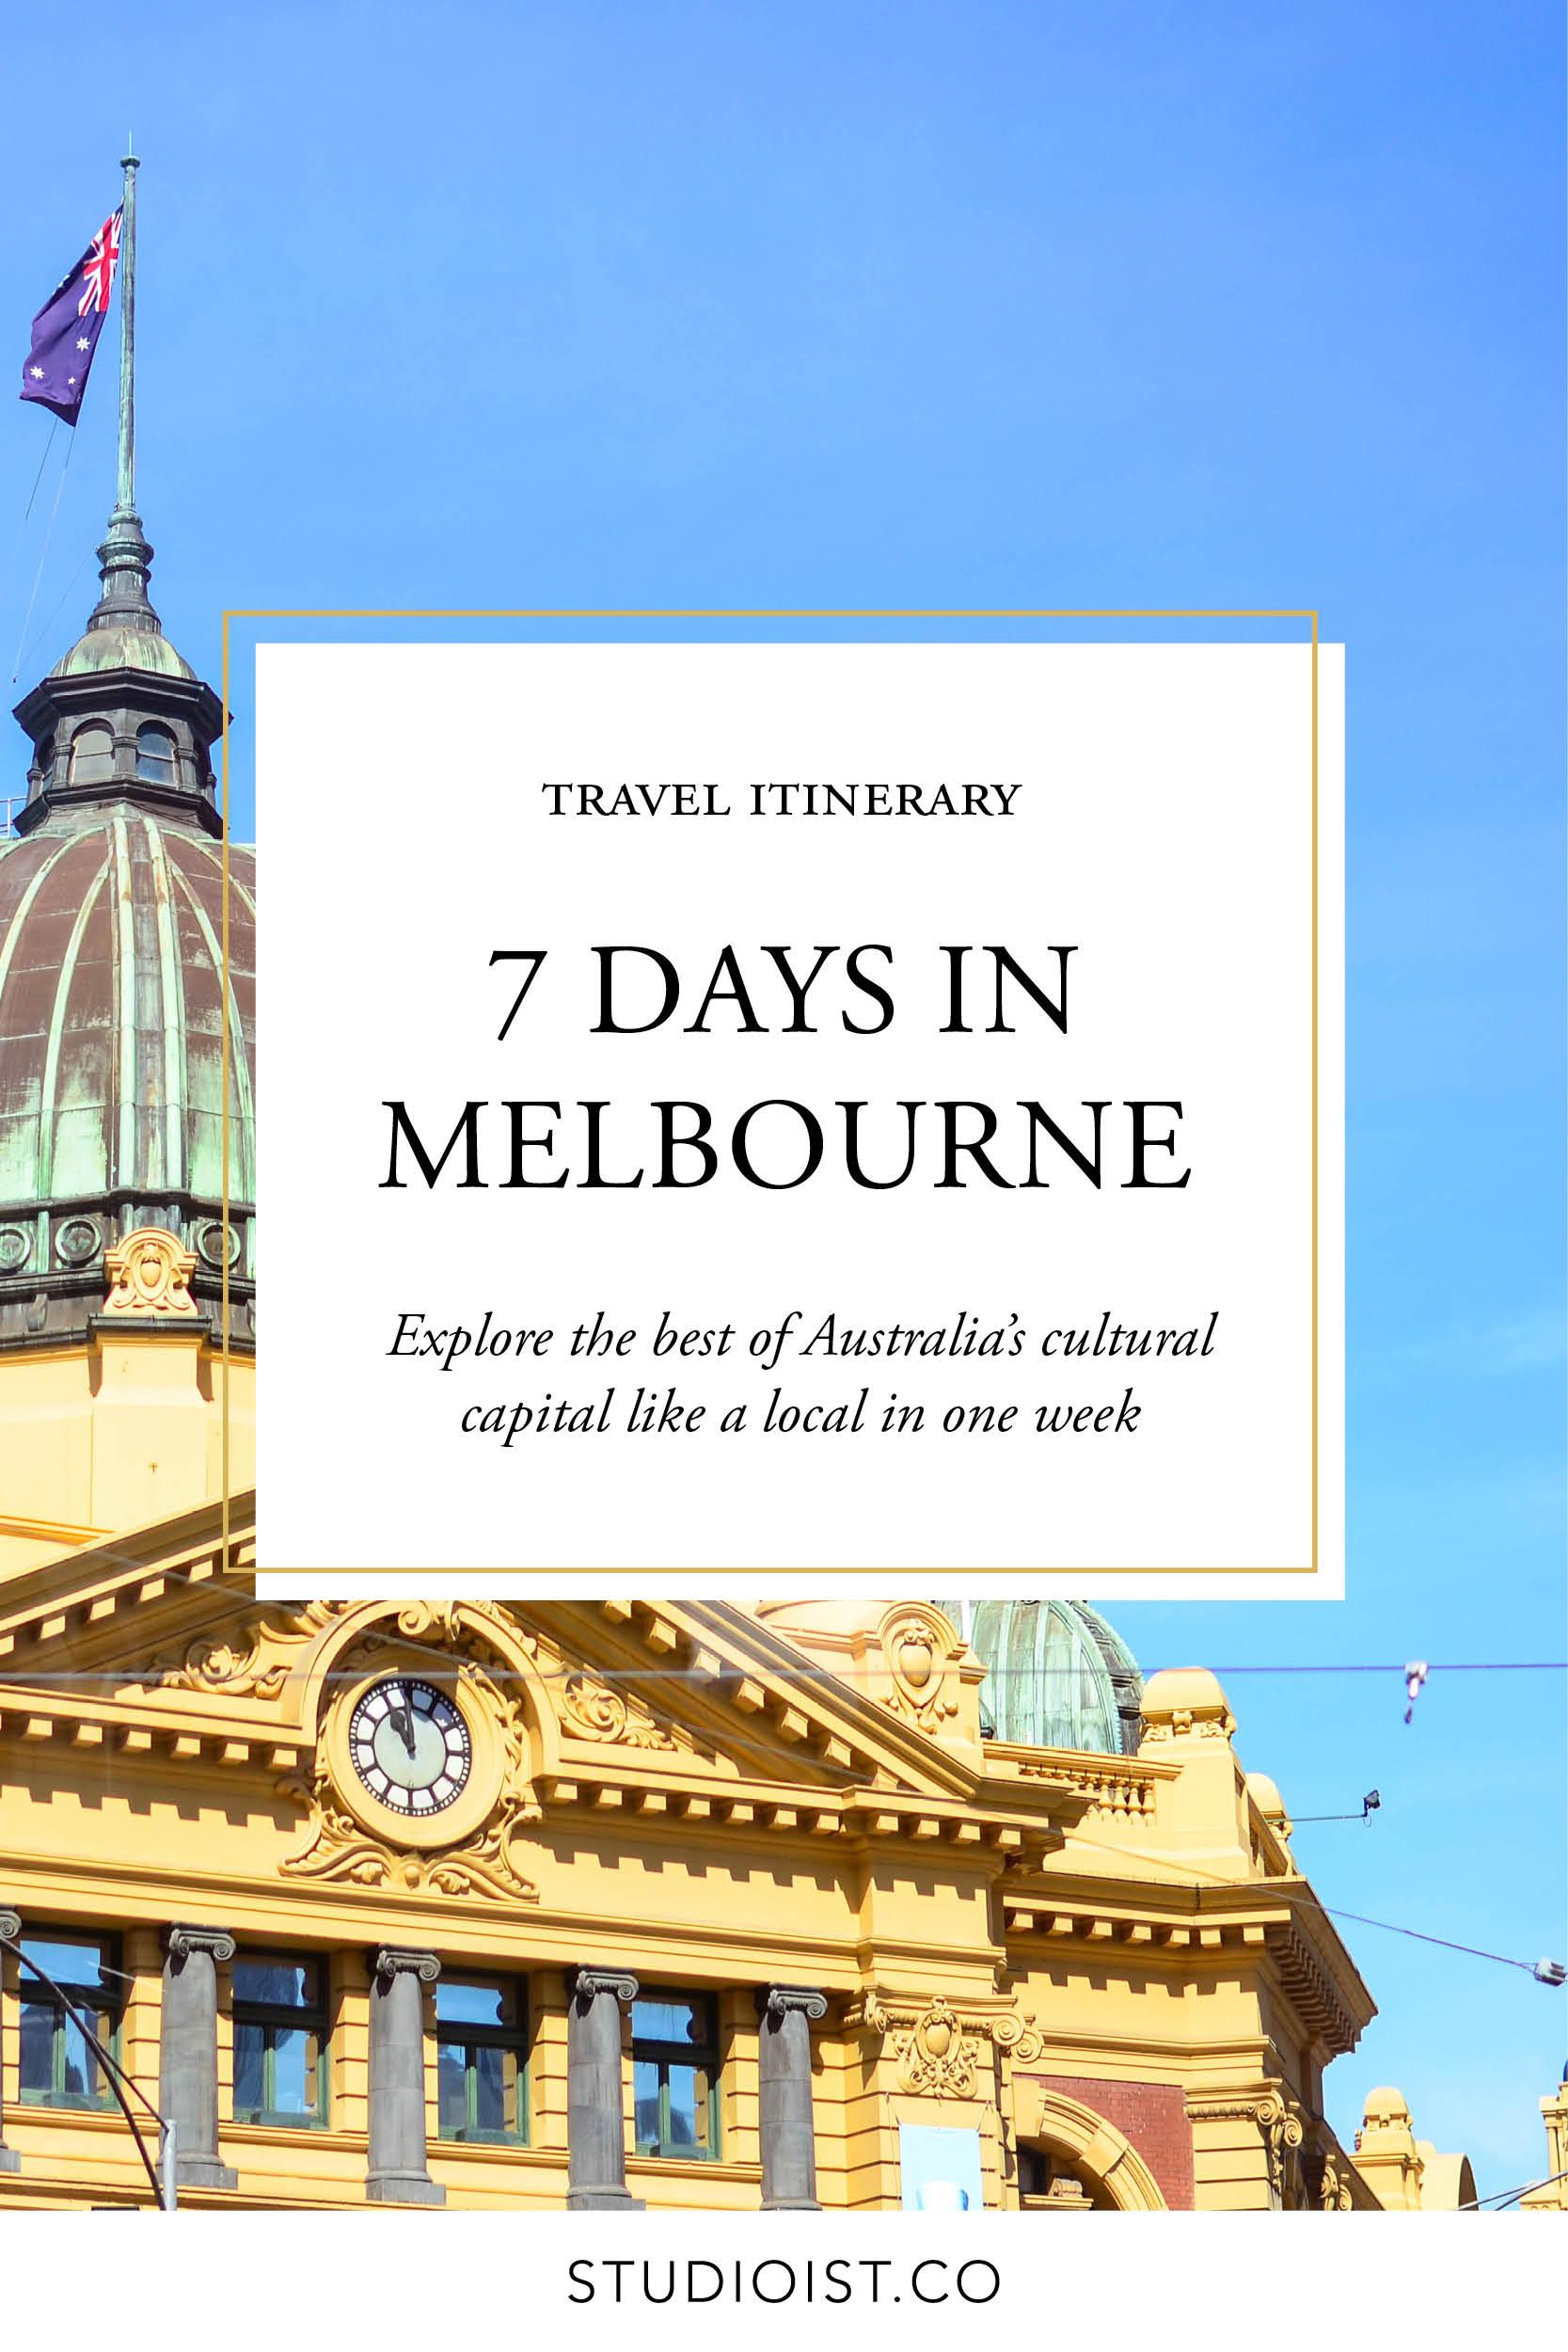 Studioist_Pinterest Design Travel_Melbourne Itinerary.jpg